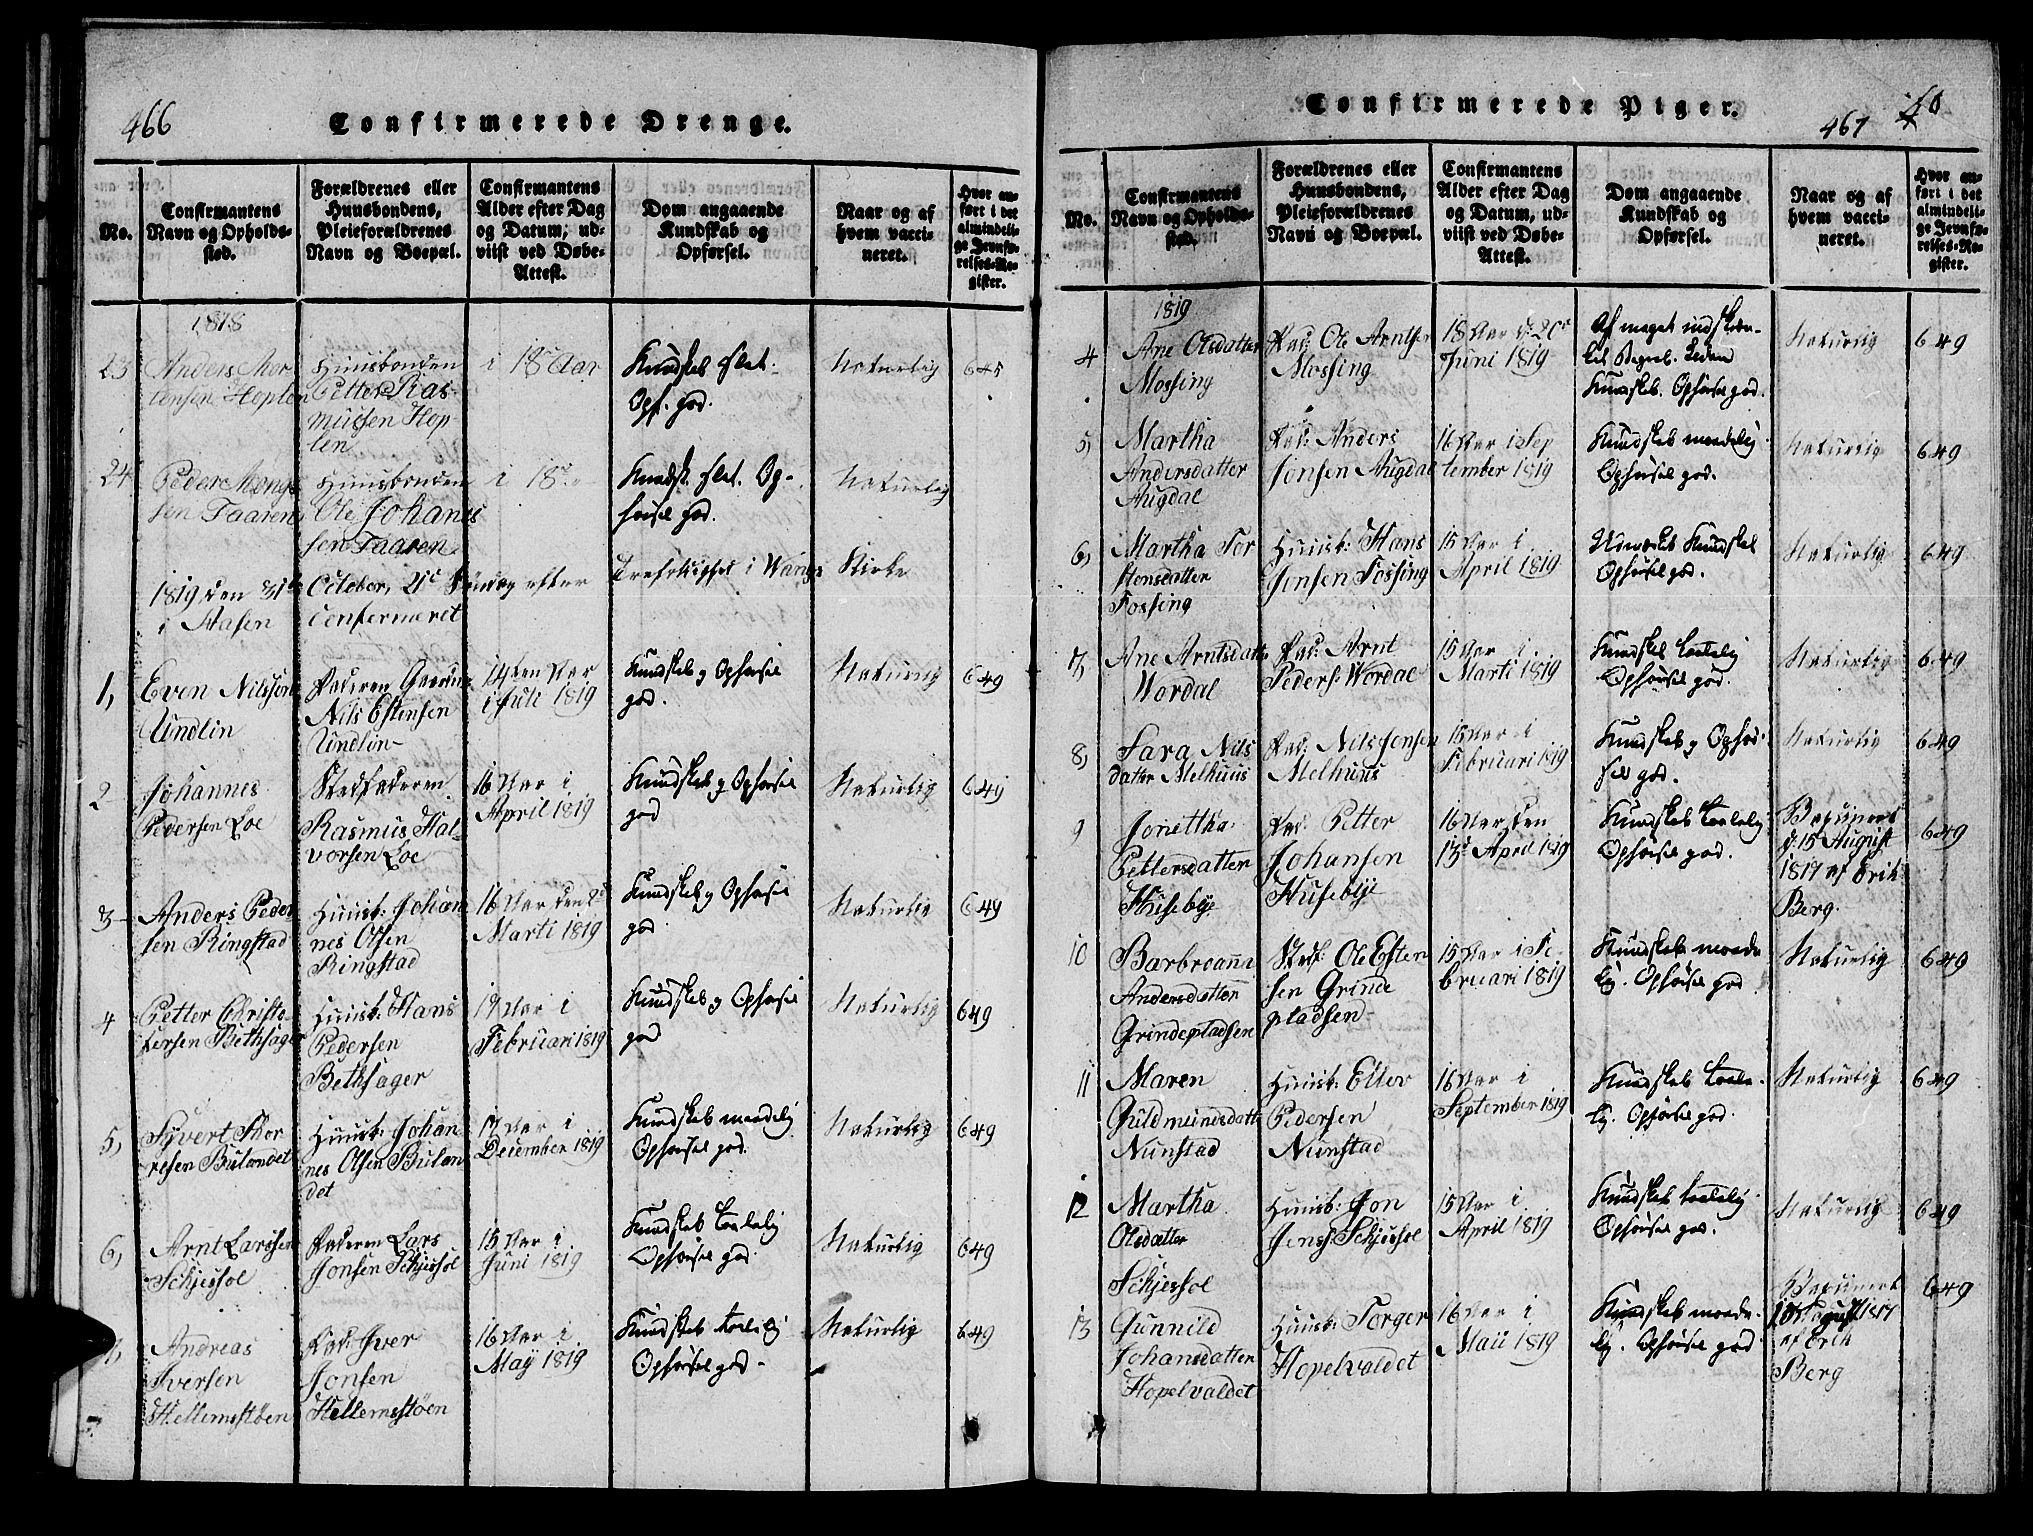 SAT, Ministerialprotokoller, klokkerbøker og fødselsregistre - Nord-Trøndelag, 714/L0132: Klokkerbok nr. 714C01, 1817-1824, s. 466-467